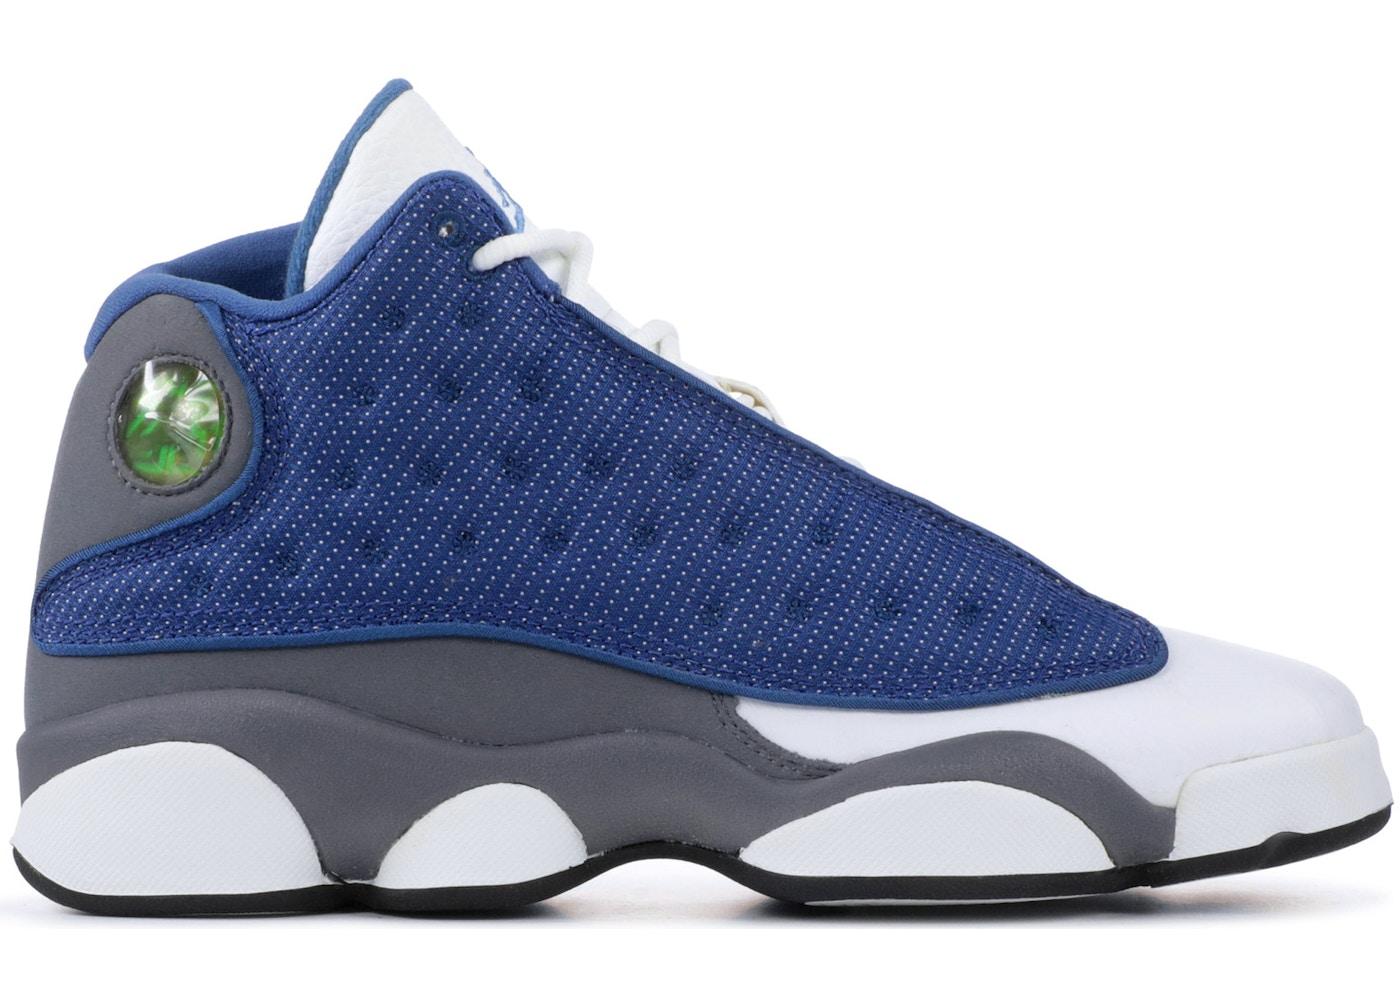 new styles 85bb7 6fa19 Jordan 13 Retro Flint 2005 (GS)